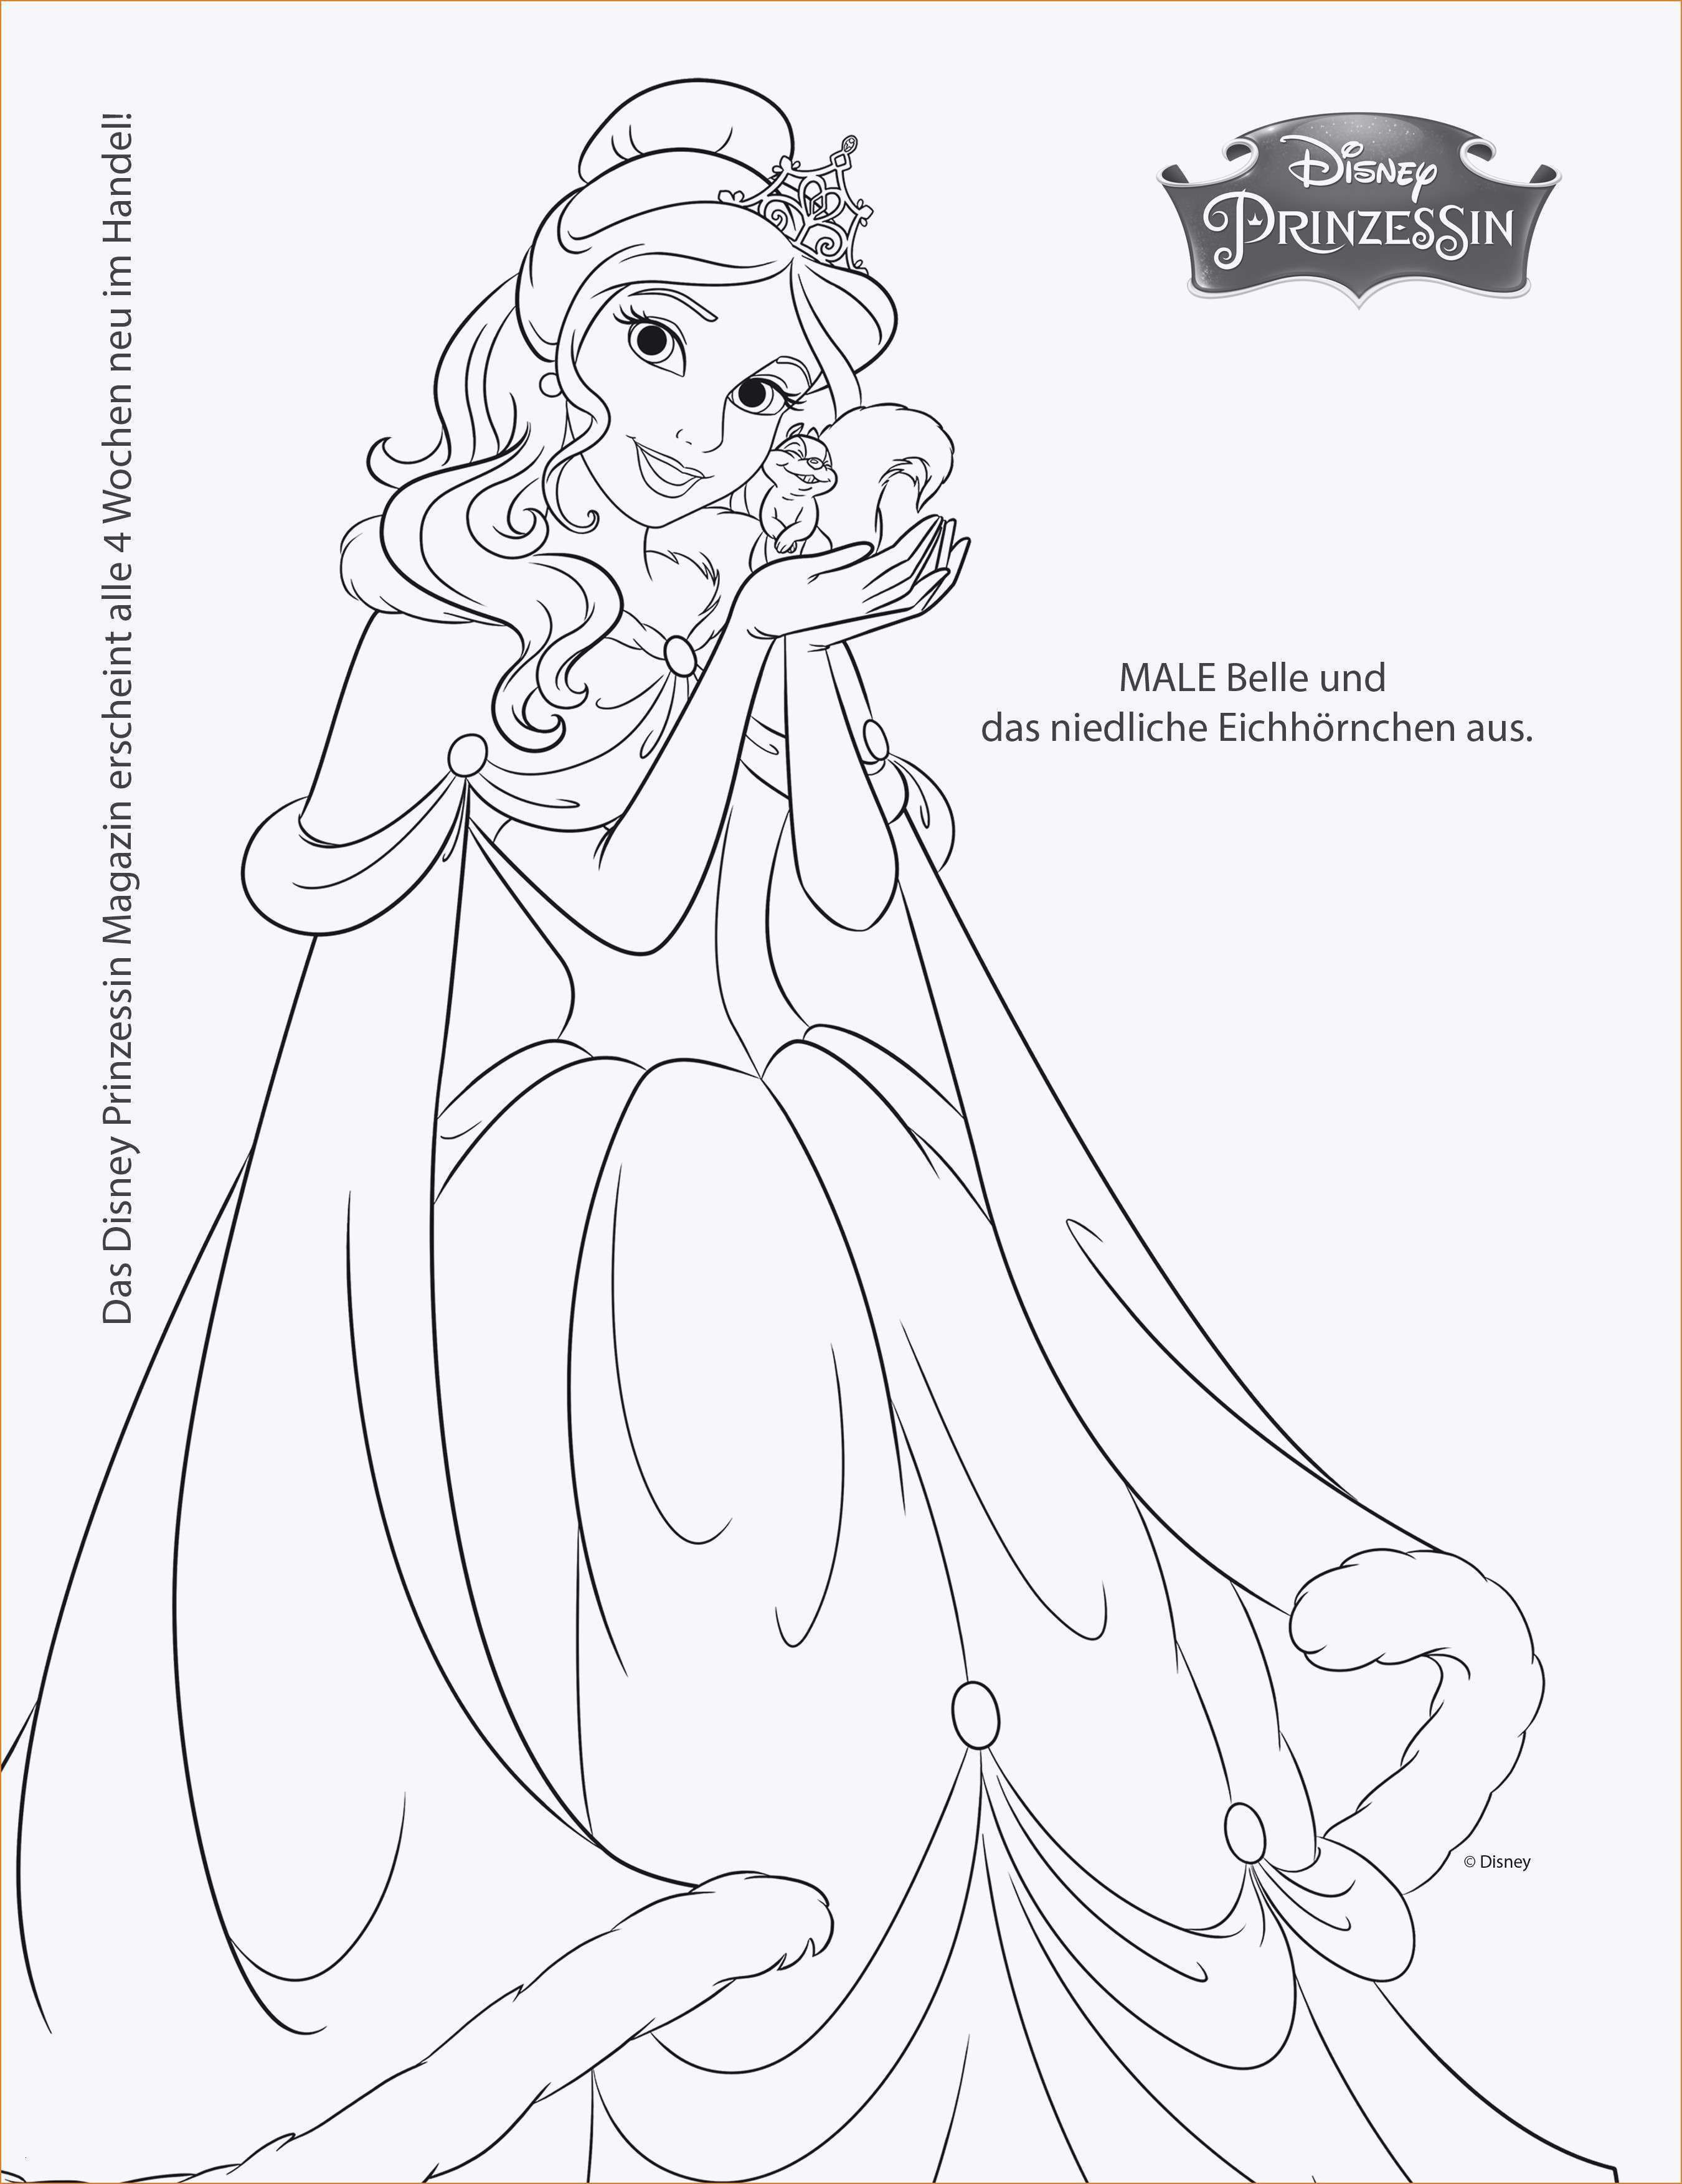 Ausmalbilder Prinzessin Malvorlagen Das Beste Von Malvorlage Prinzessin Crossradio S1du Sammlung